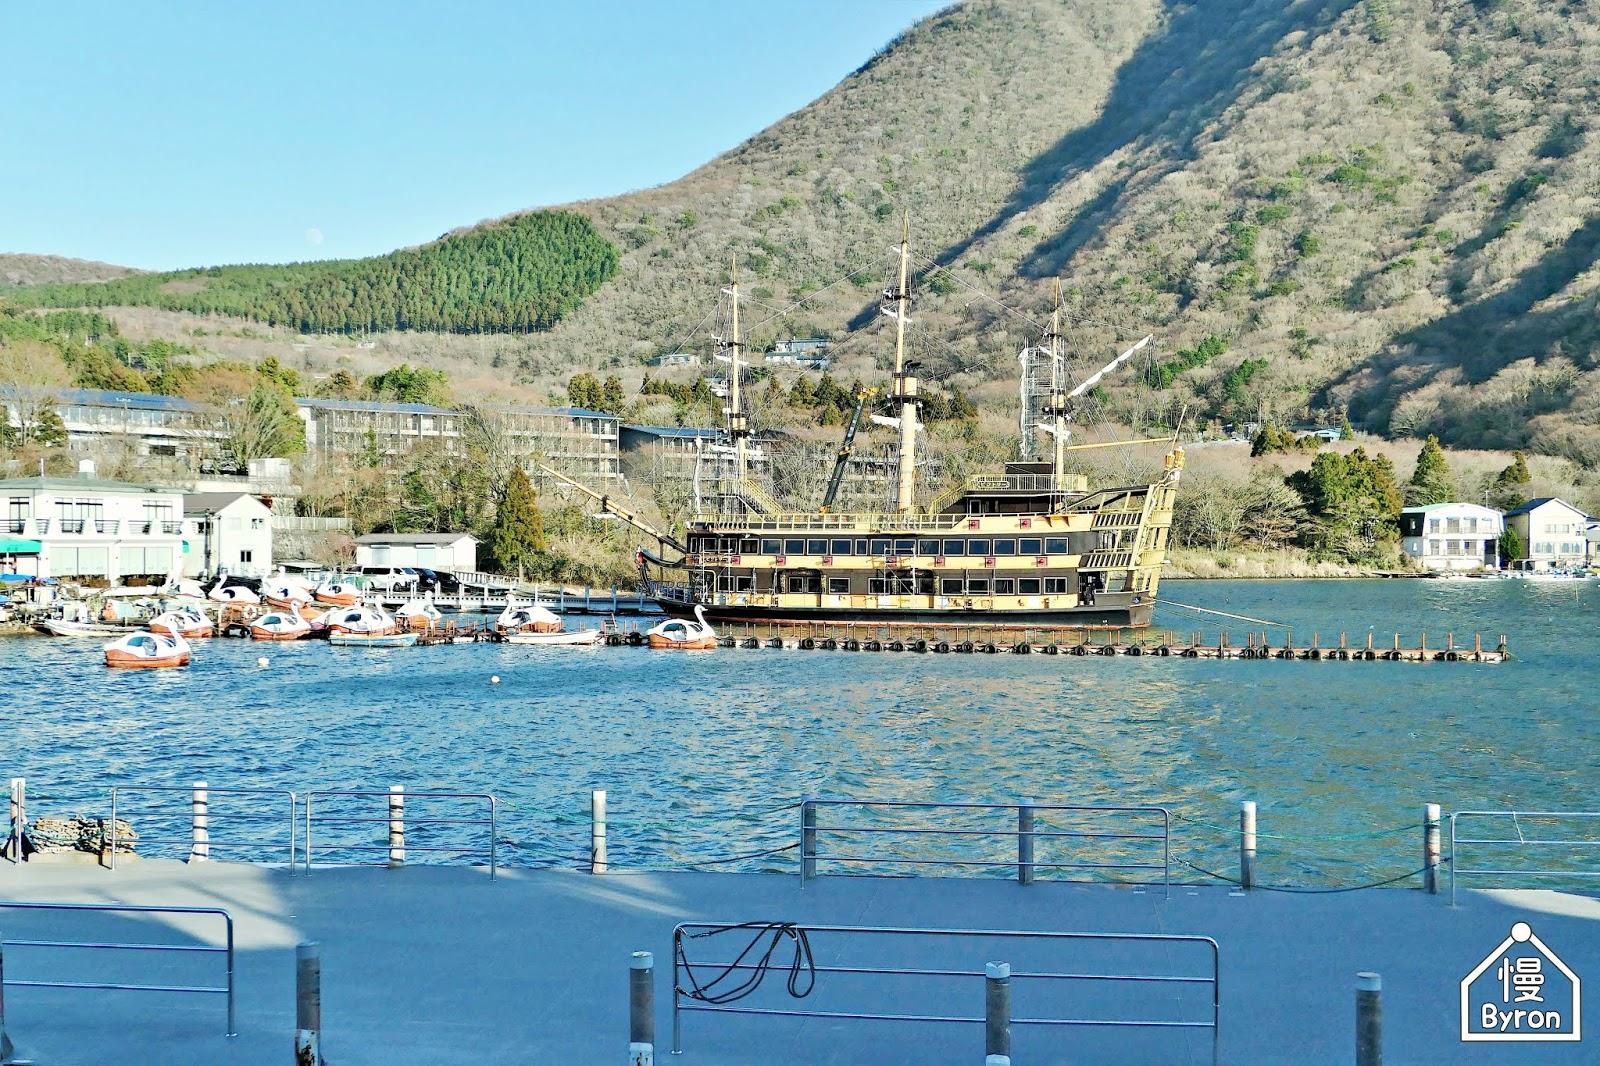 【東京近郊】箱根|女王蘆之湖號|2019年新啟用金碧輝煌的海賊觀光船 @ 瞌睡慢與Byron的旅行泡泡 :: 痞客邦